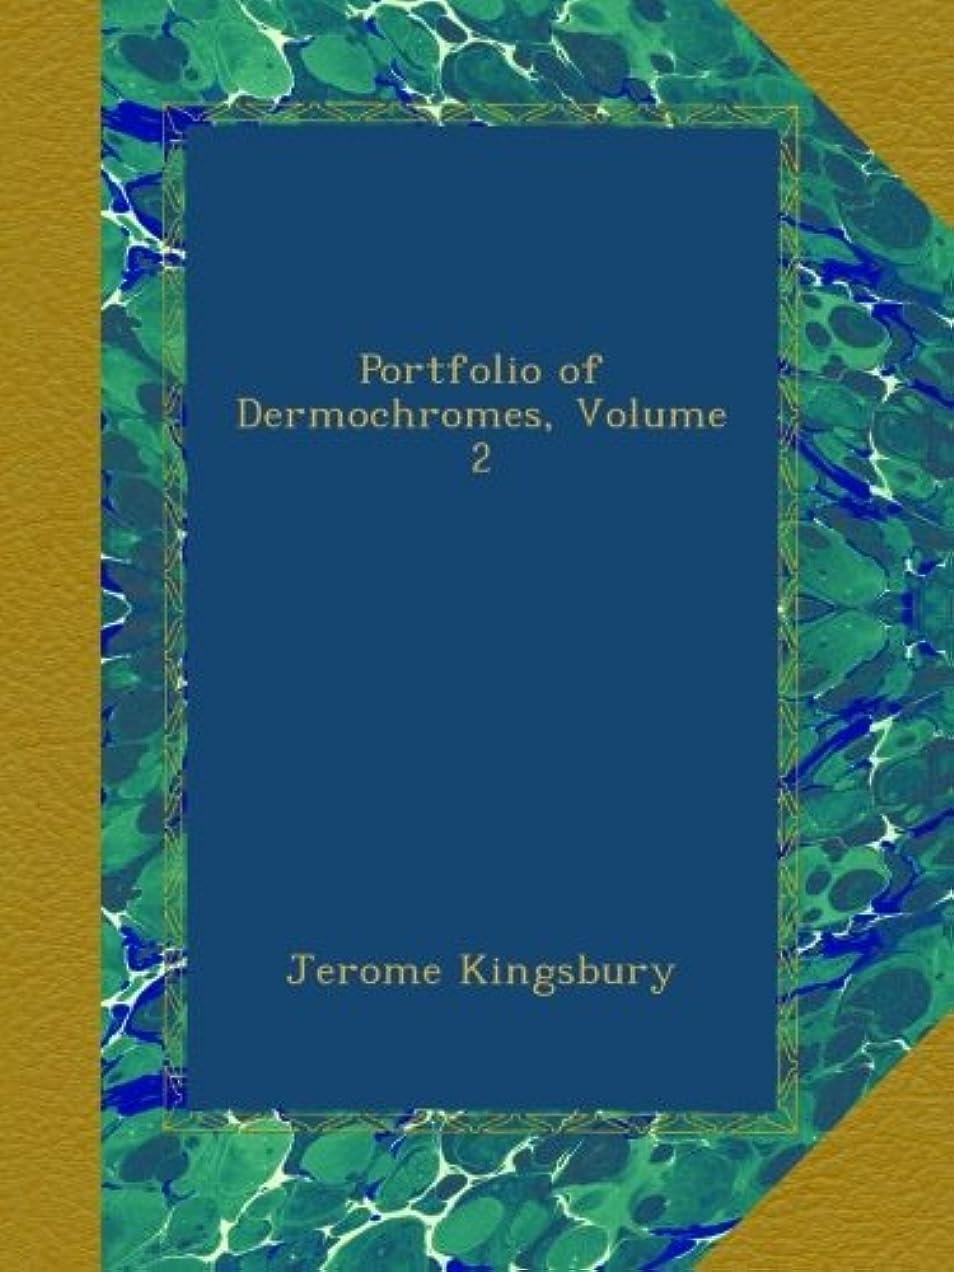 レース遊具灰Portfolio of Dermochromes, Volume 2